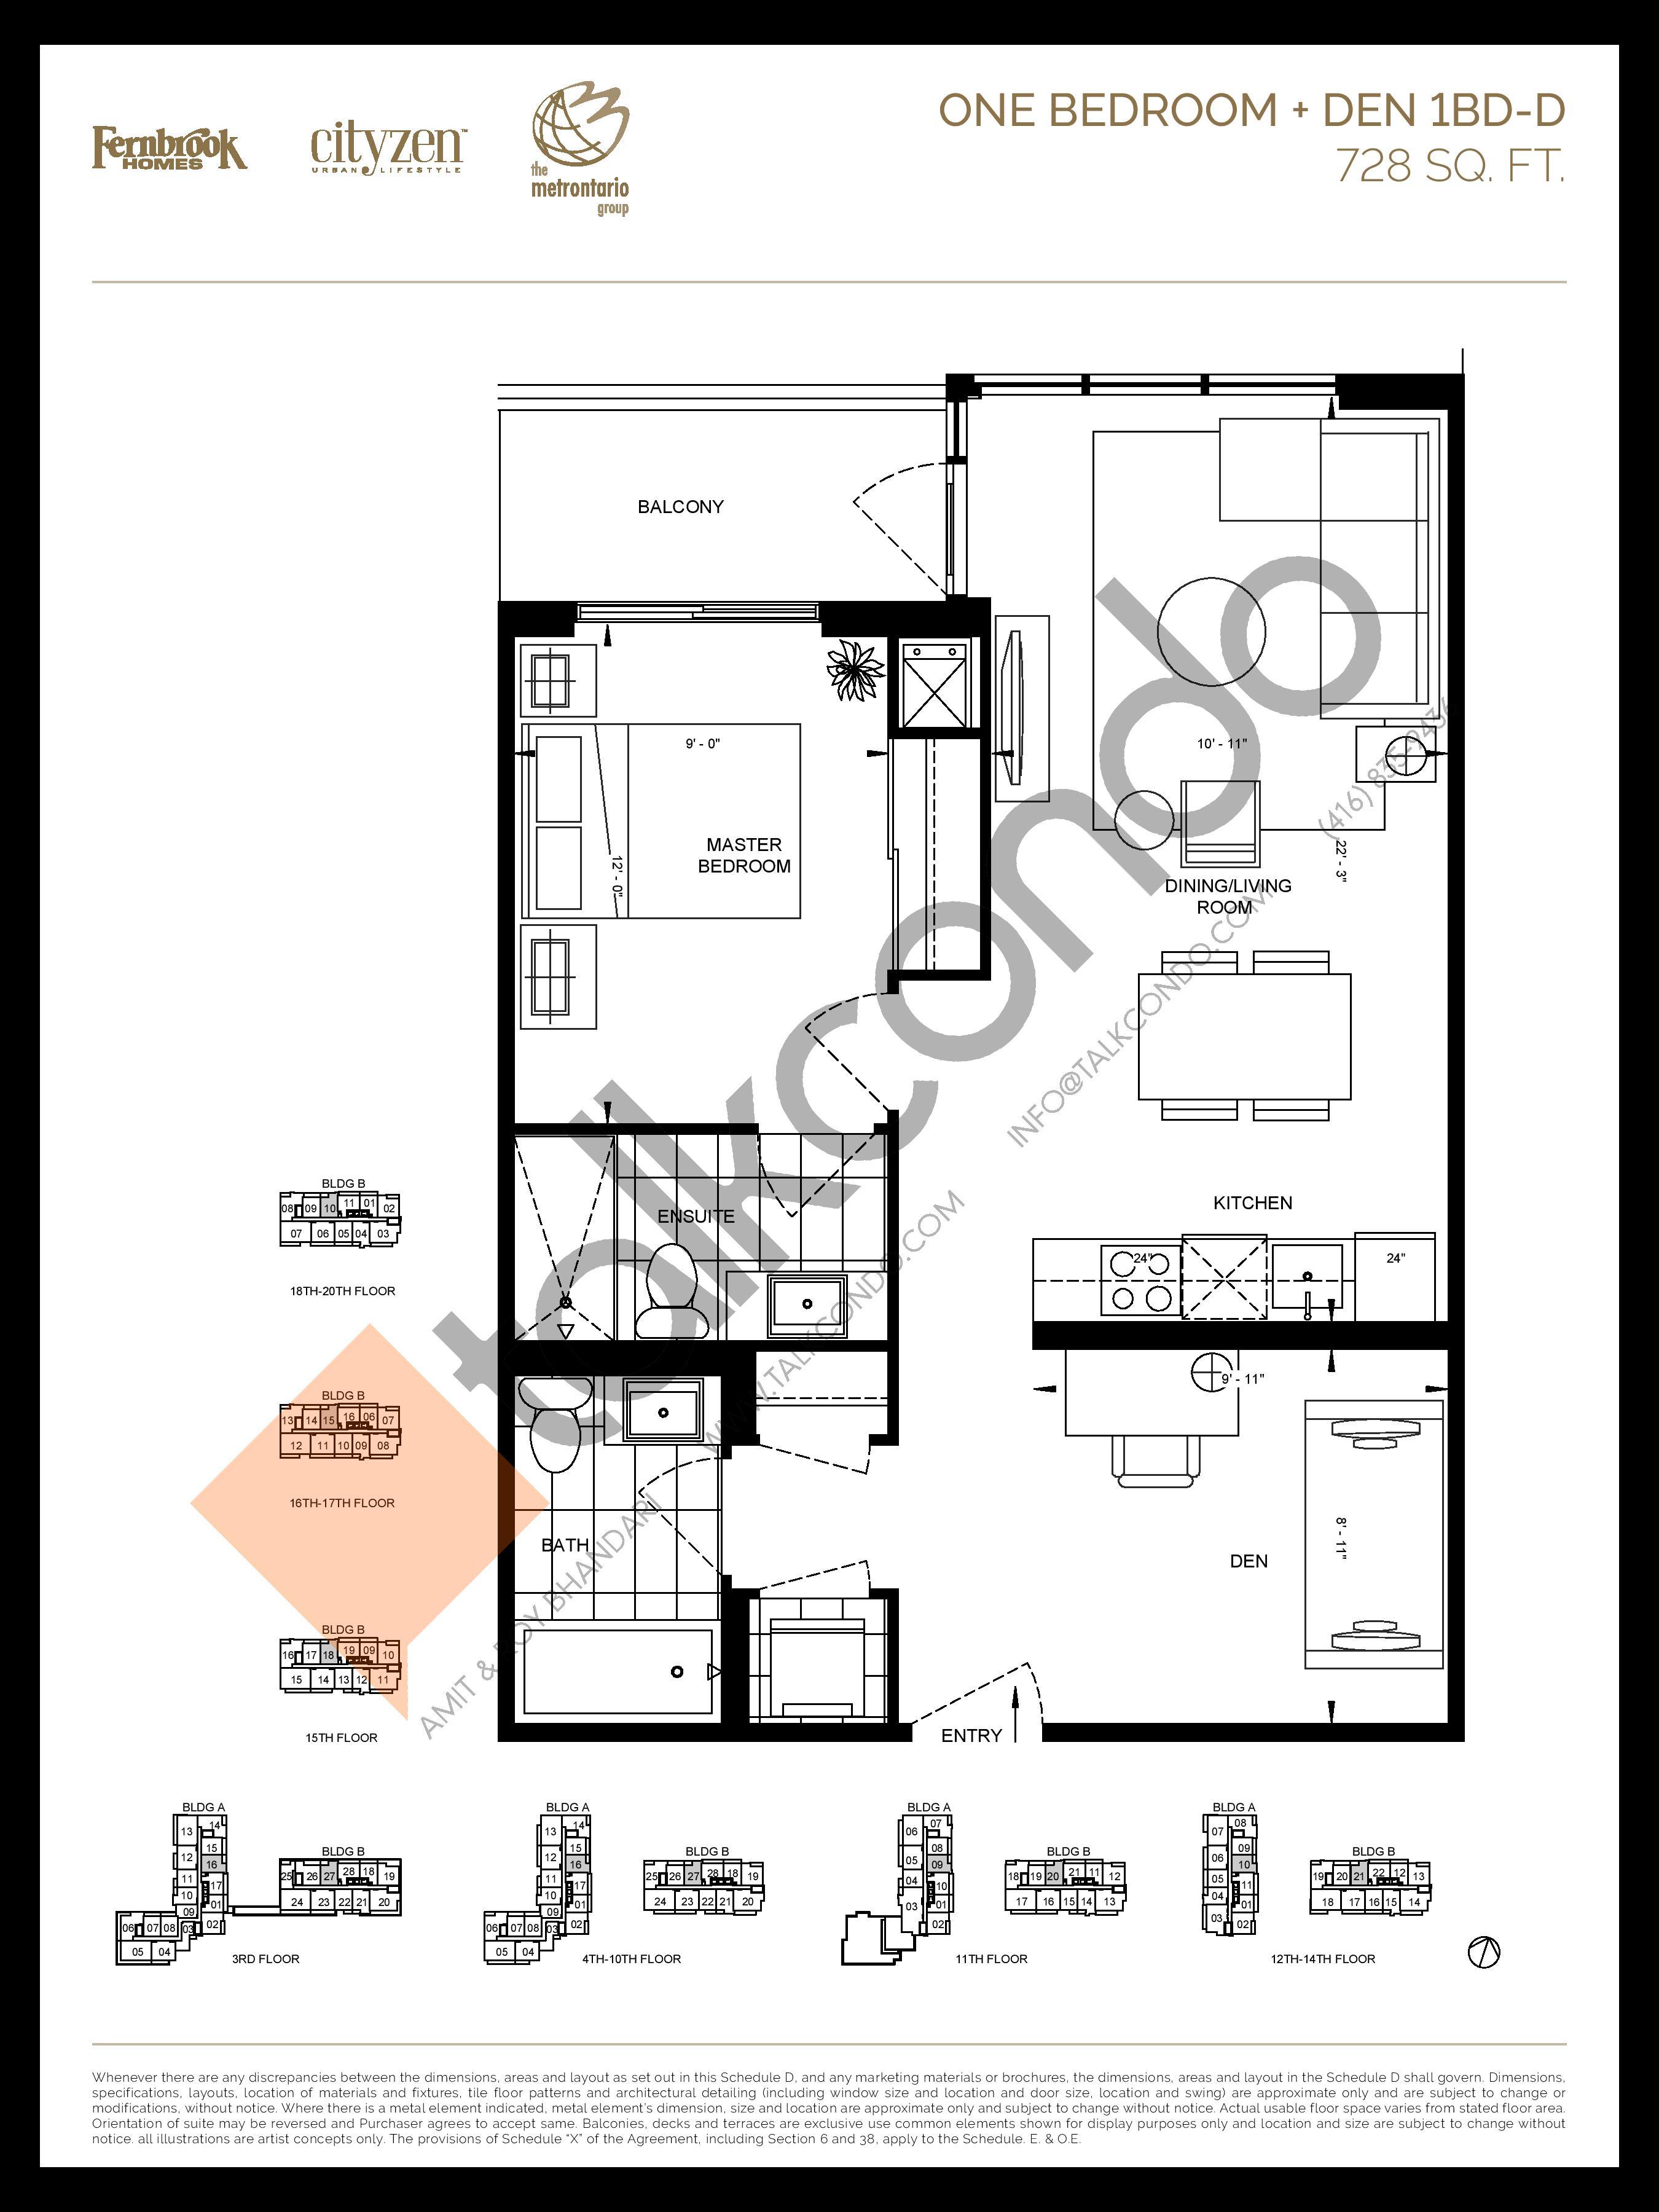 1BD-D Floor Plan at D'or Condos - 728 sq.ft